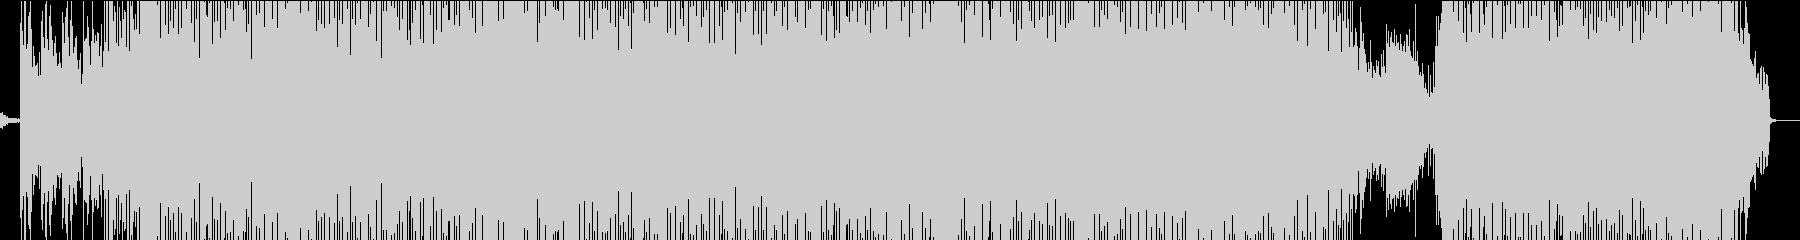 シンセポップなサウンドが主体のインストの未再生の波形